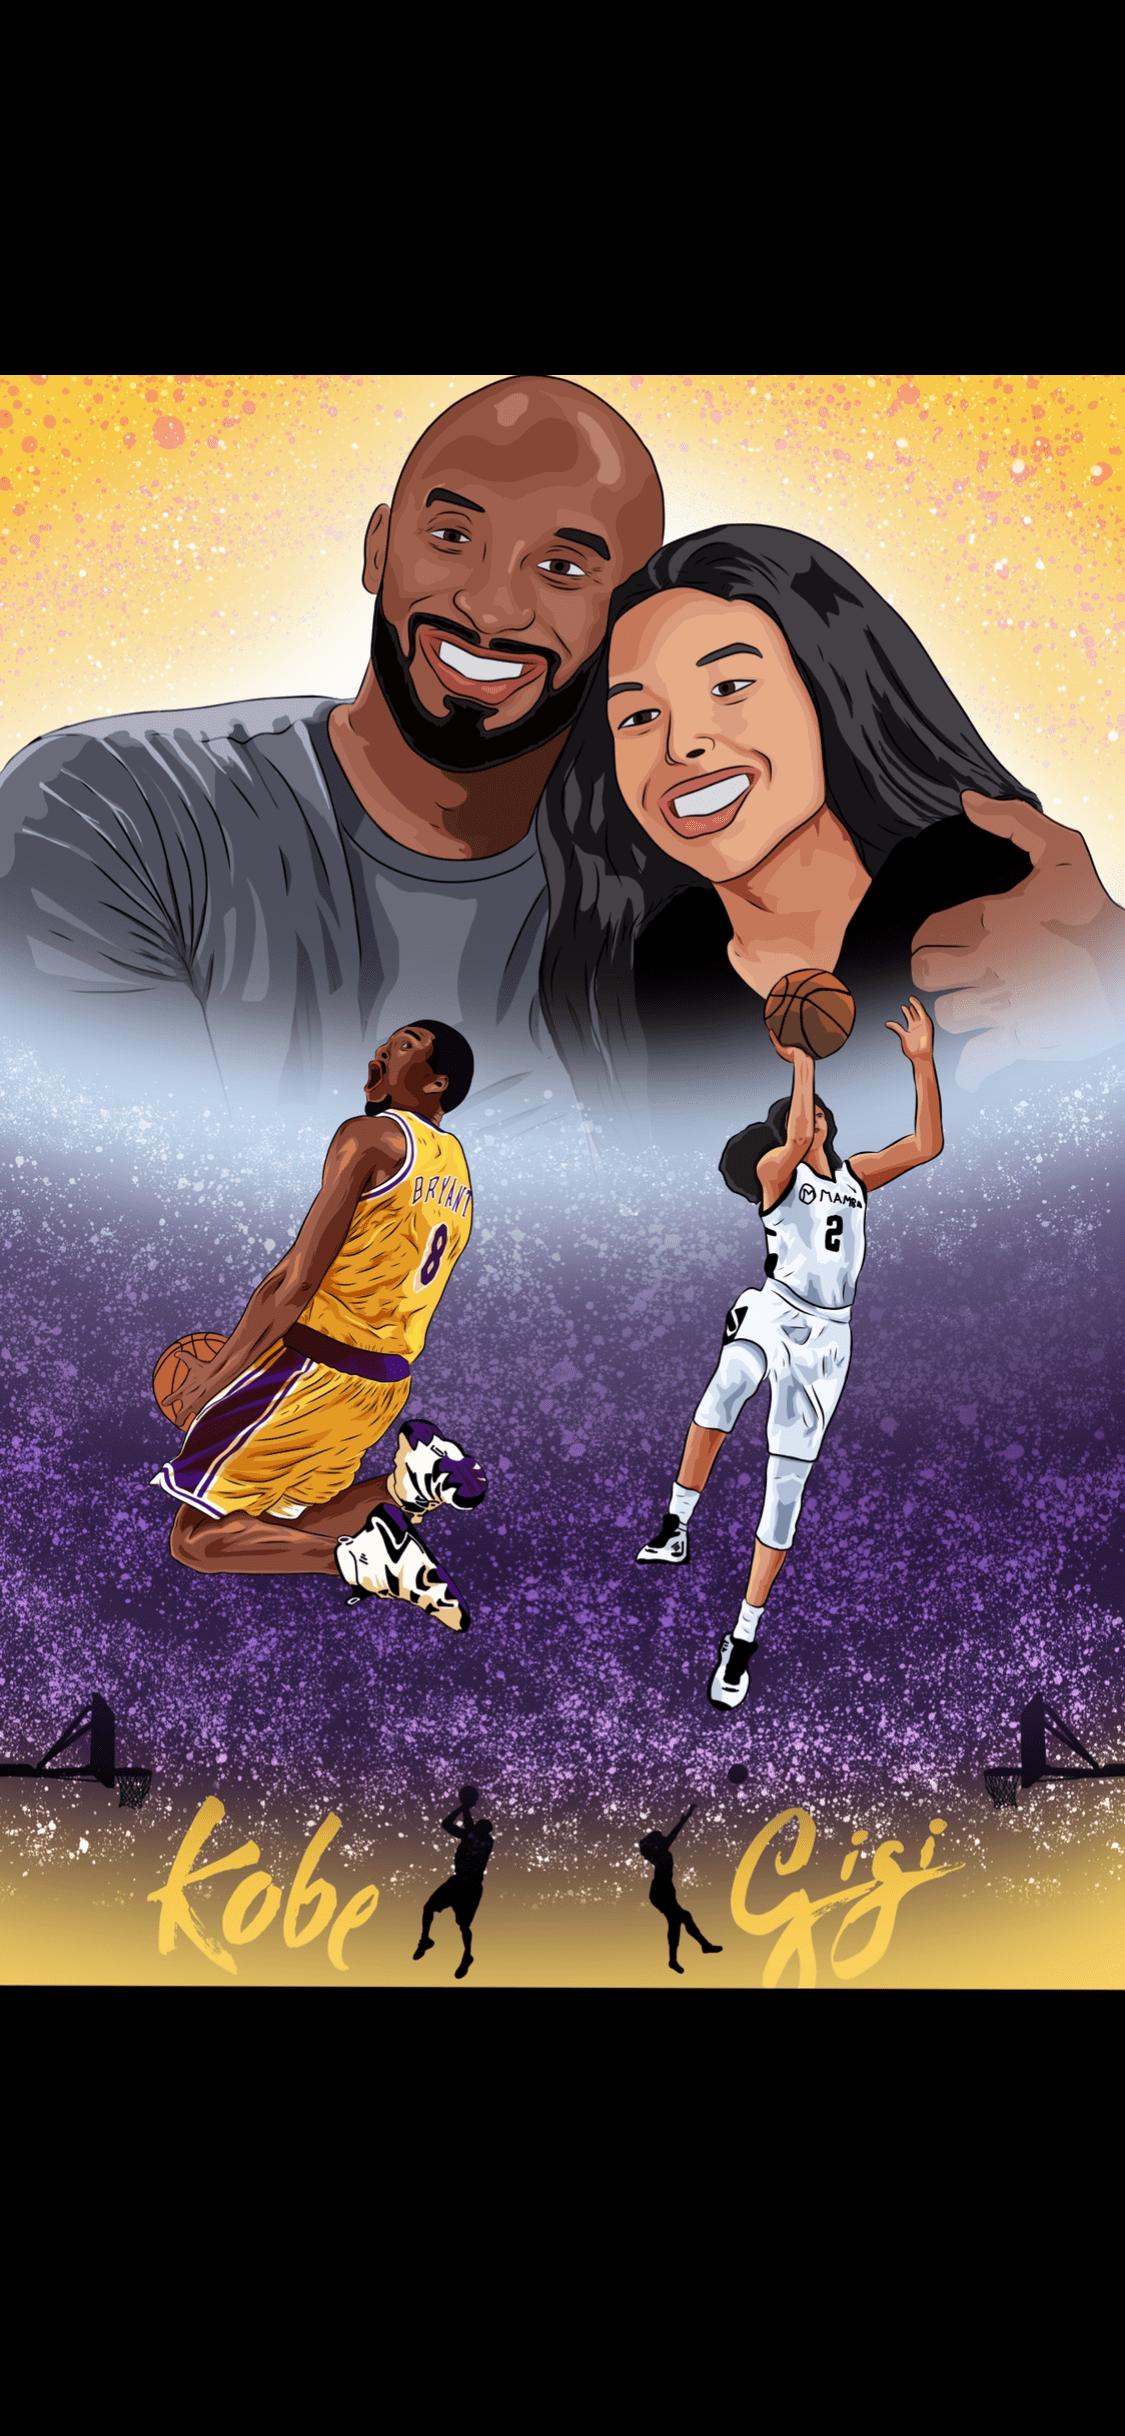 Kobe Gigi Poster On Behance